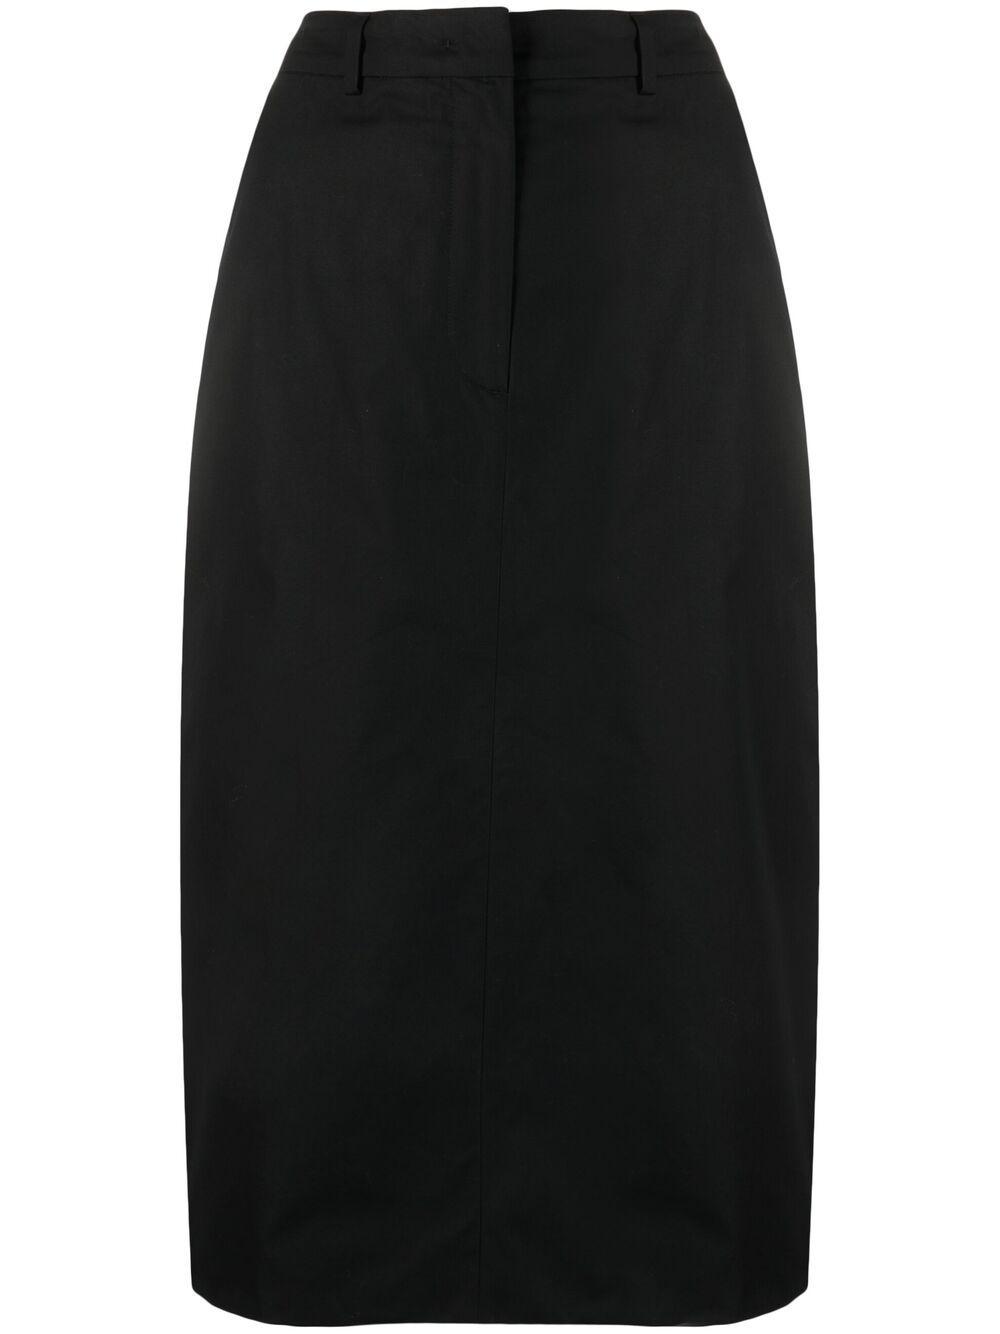 SPORTMAX | Skirt | PARMA004